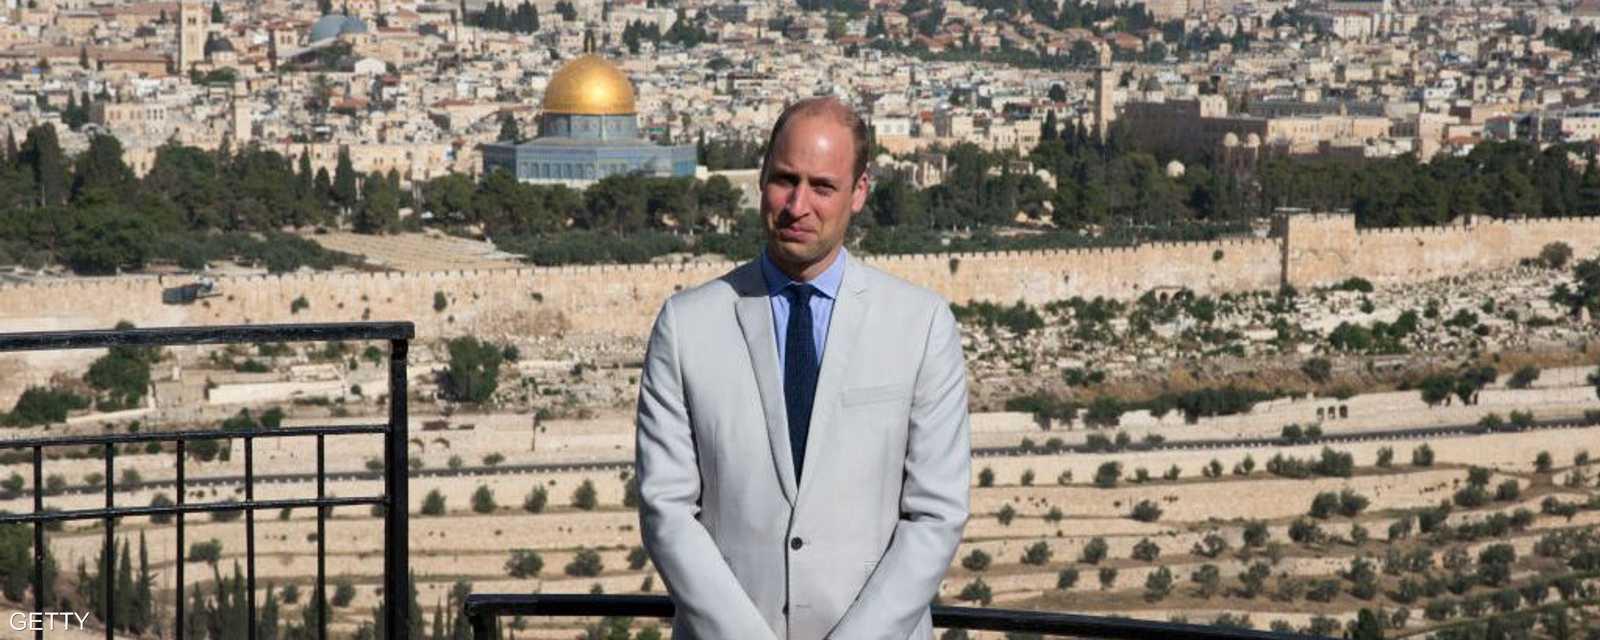 الأمير يزور جبل الزيتون في القدس